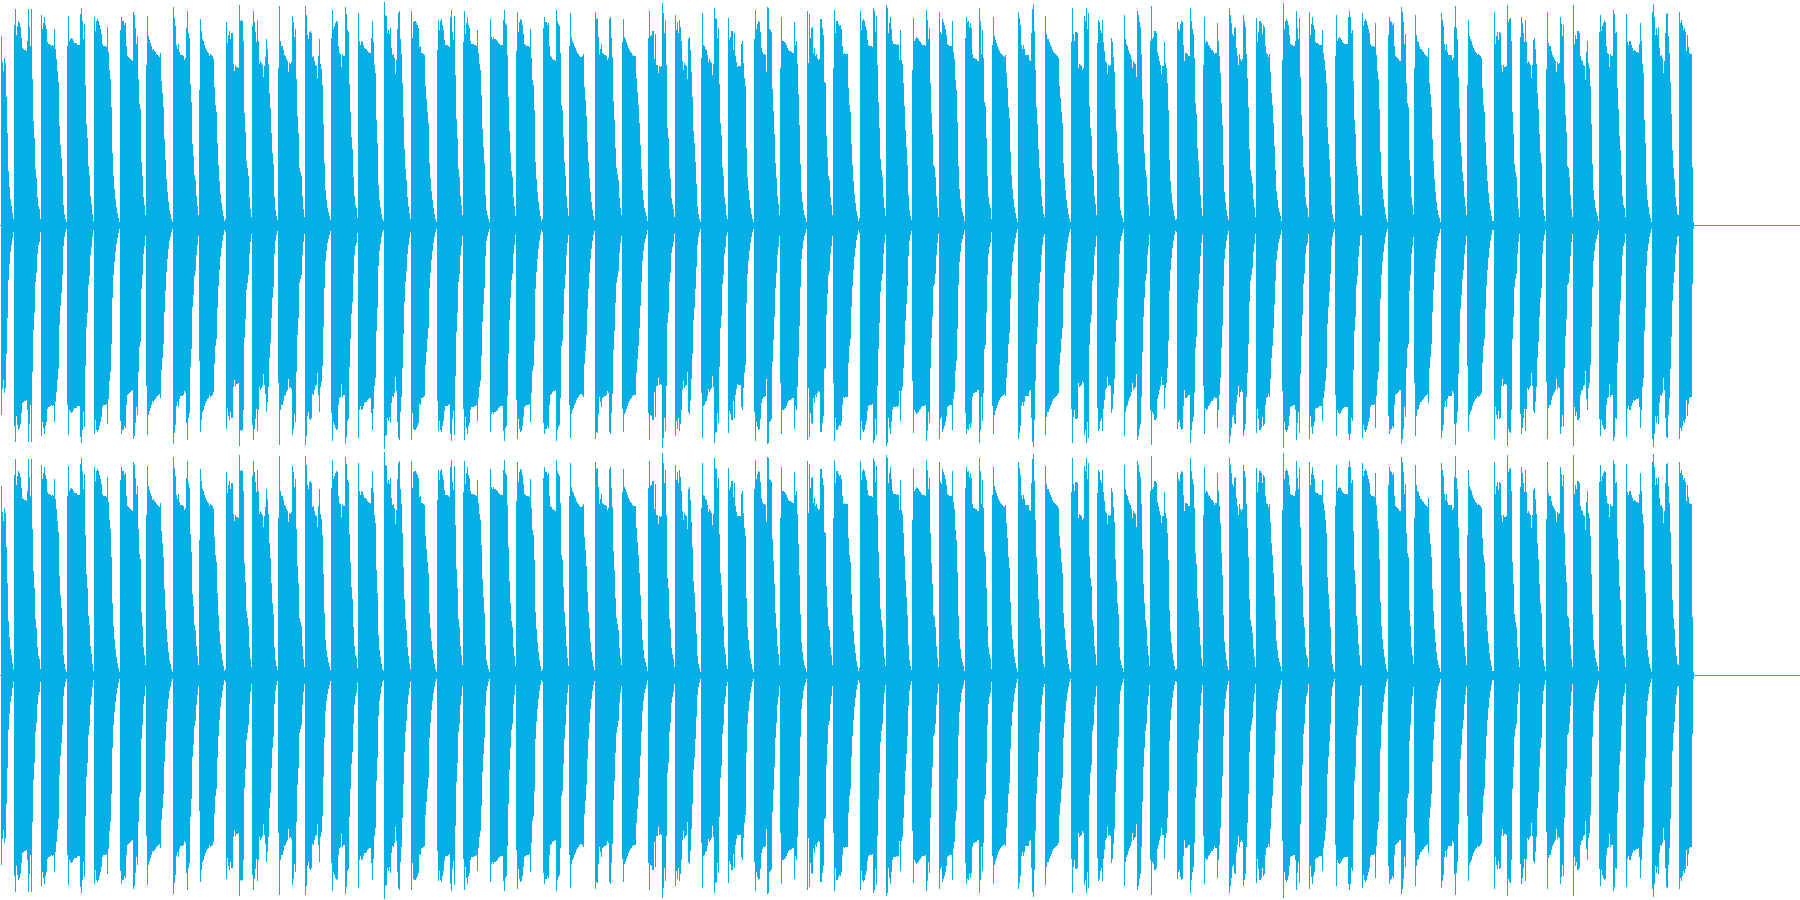 ファミコンっぽいループ、紹介・宣伝動画用の再生済みの波形